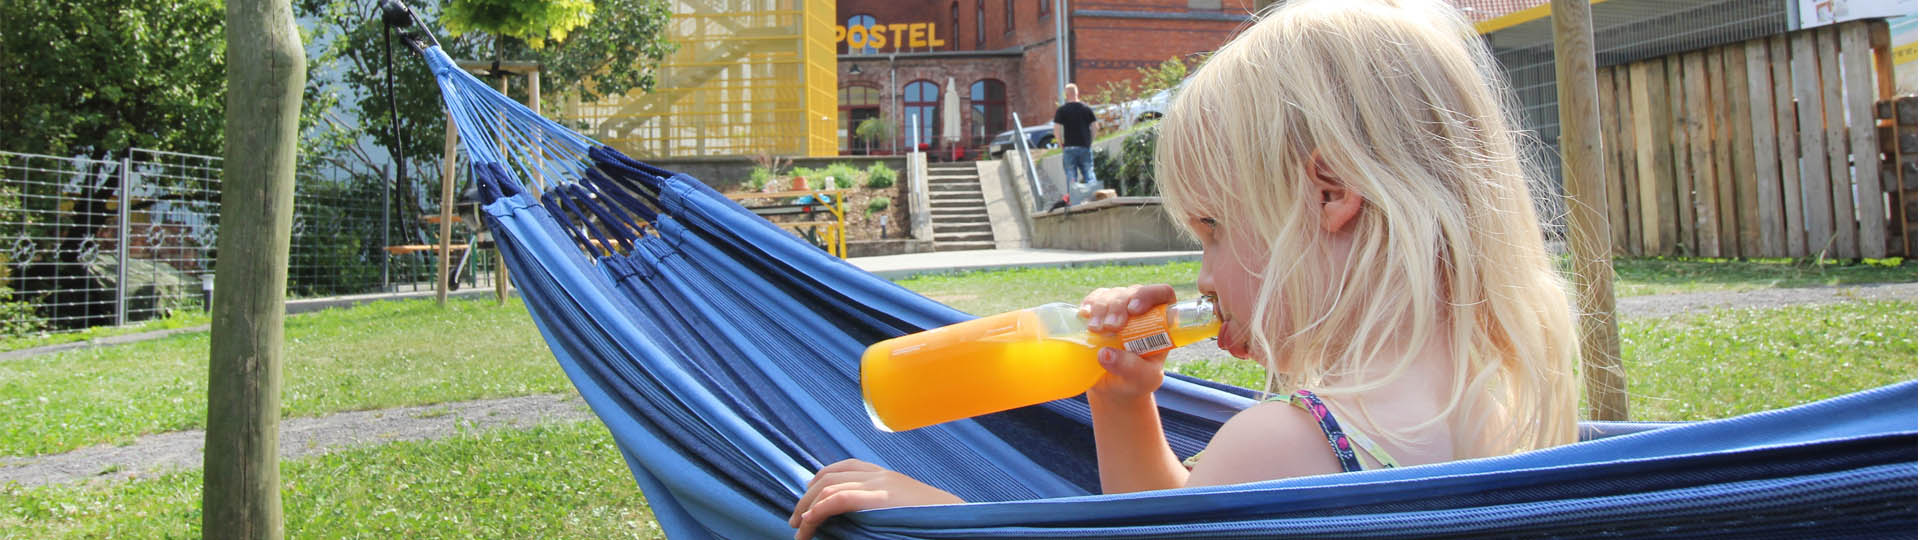 Hostel & Hotel für Usedom und Ostsee